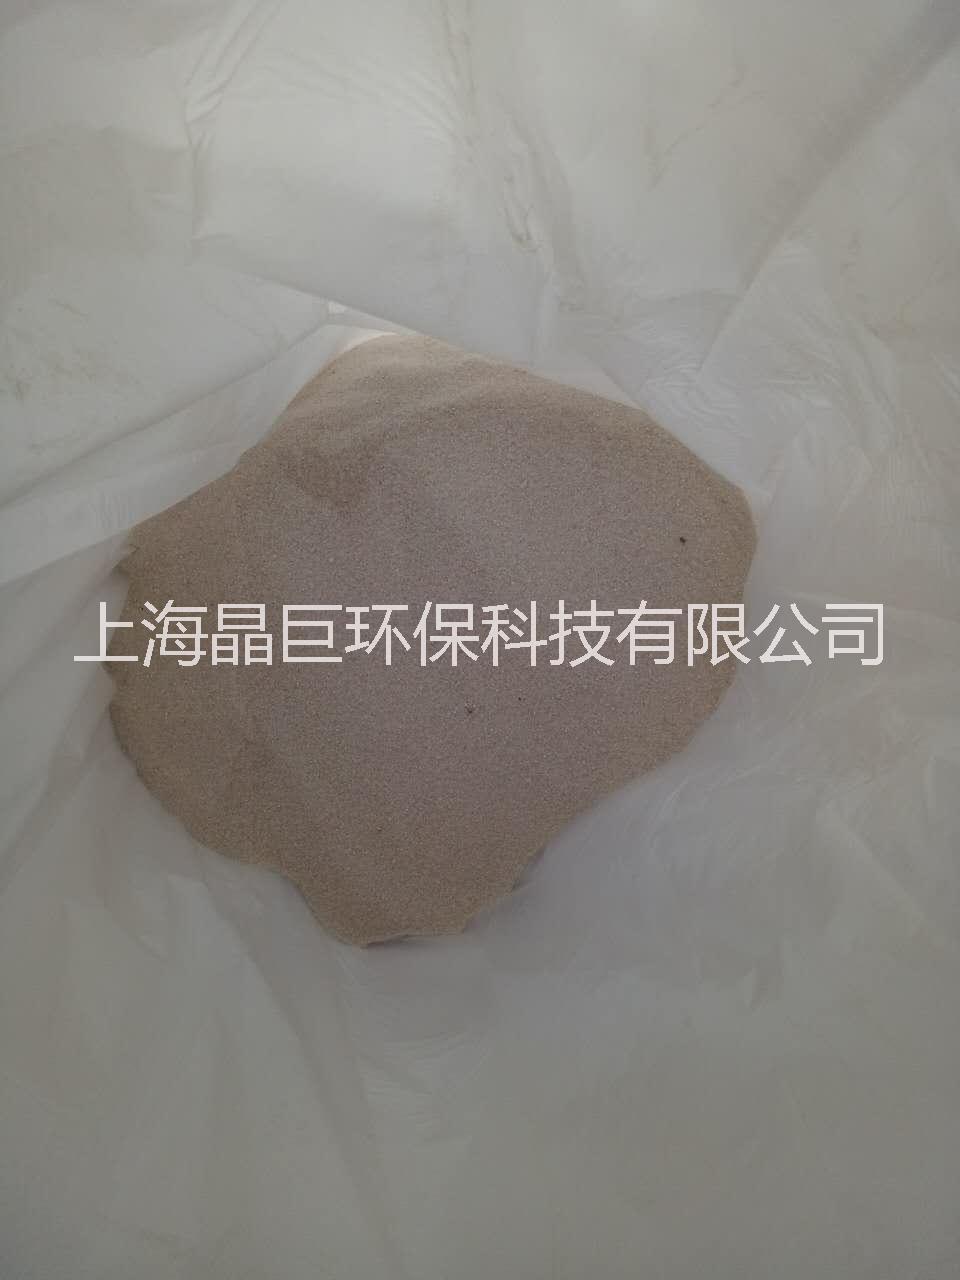 皮革软化酶 酸性蛋白酶